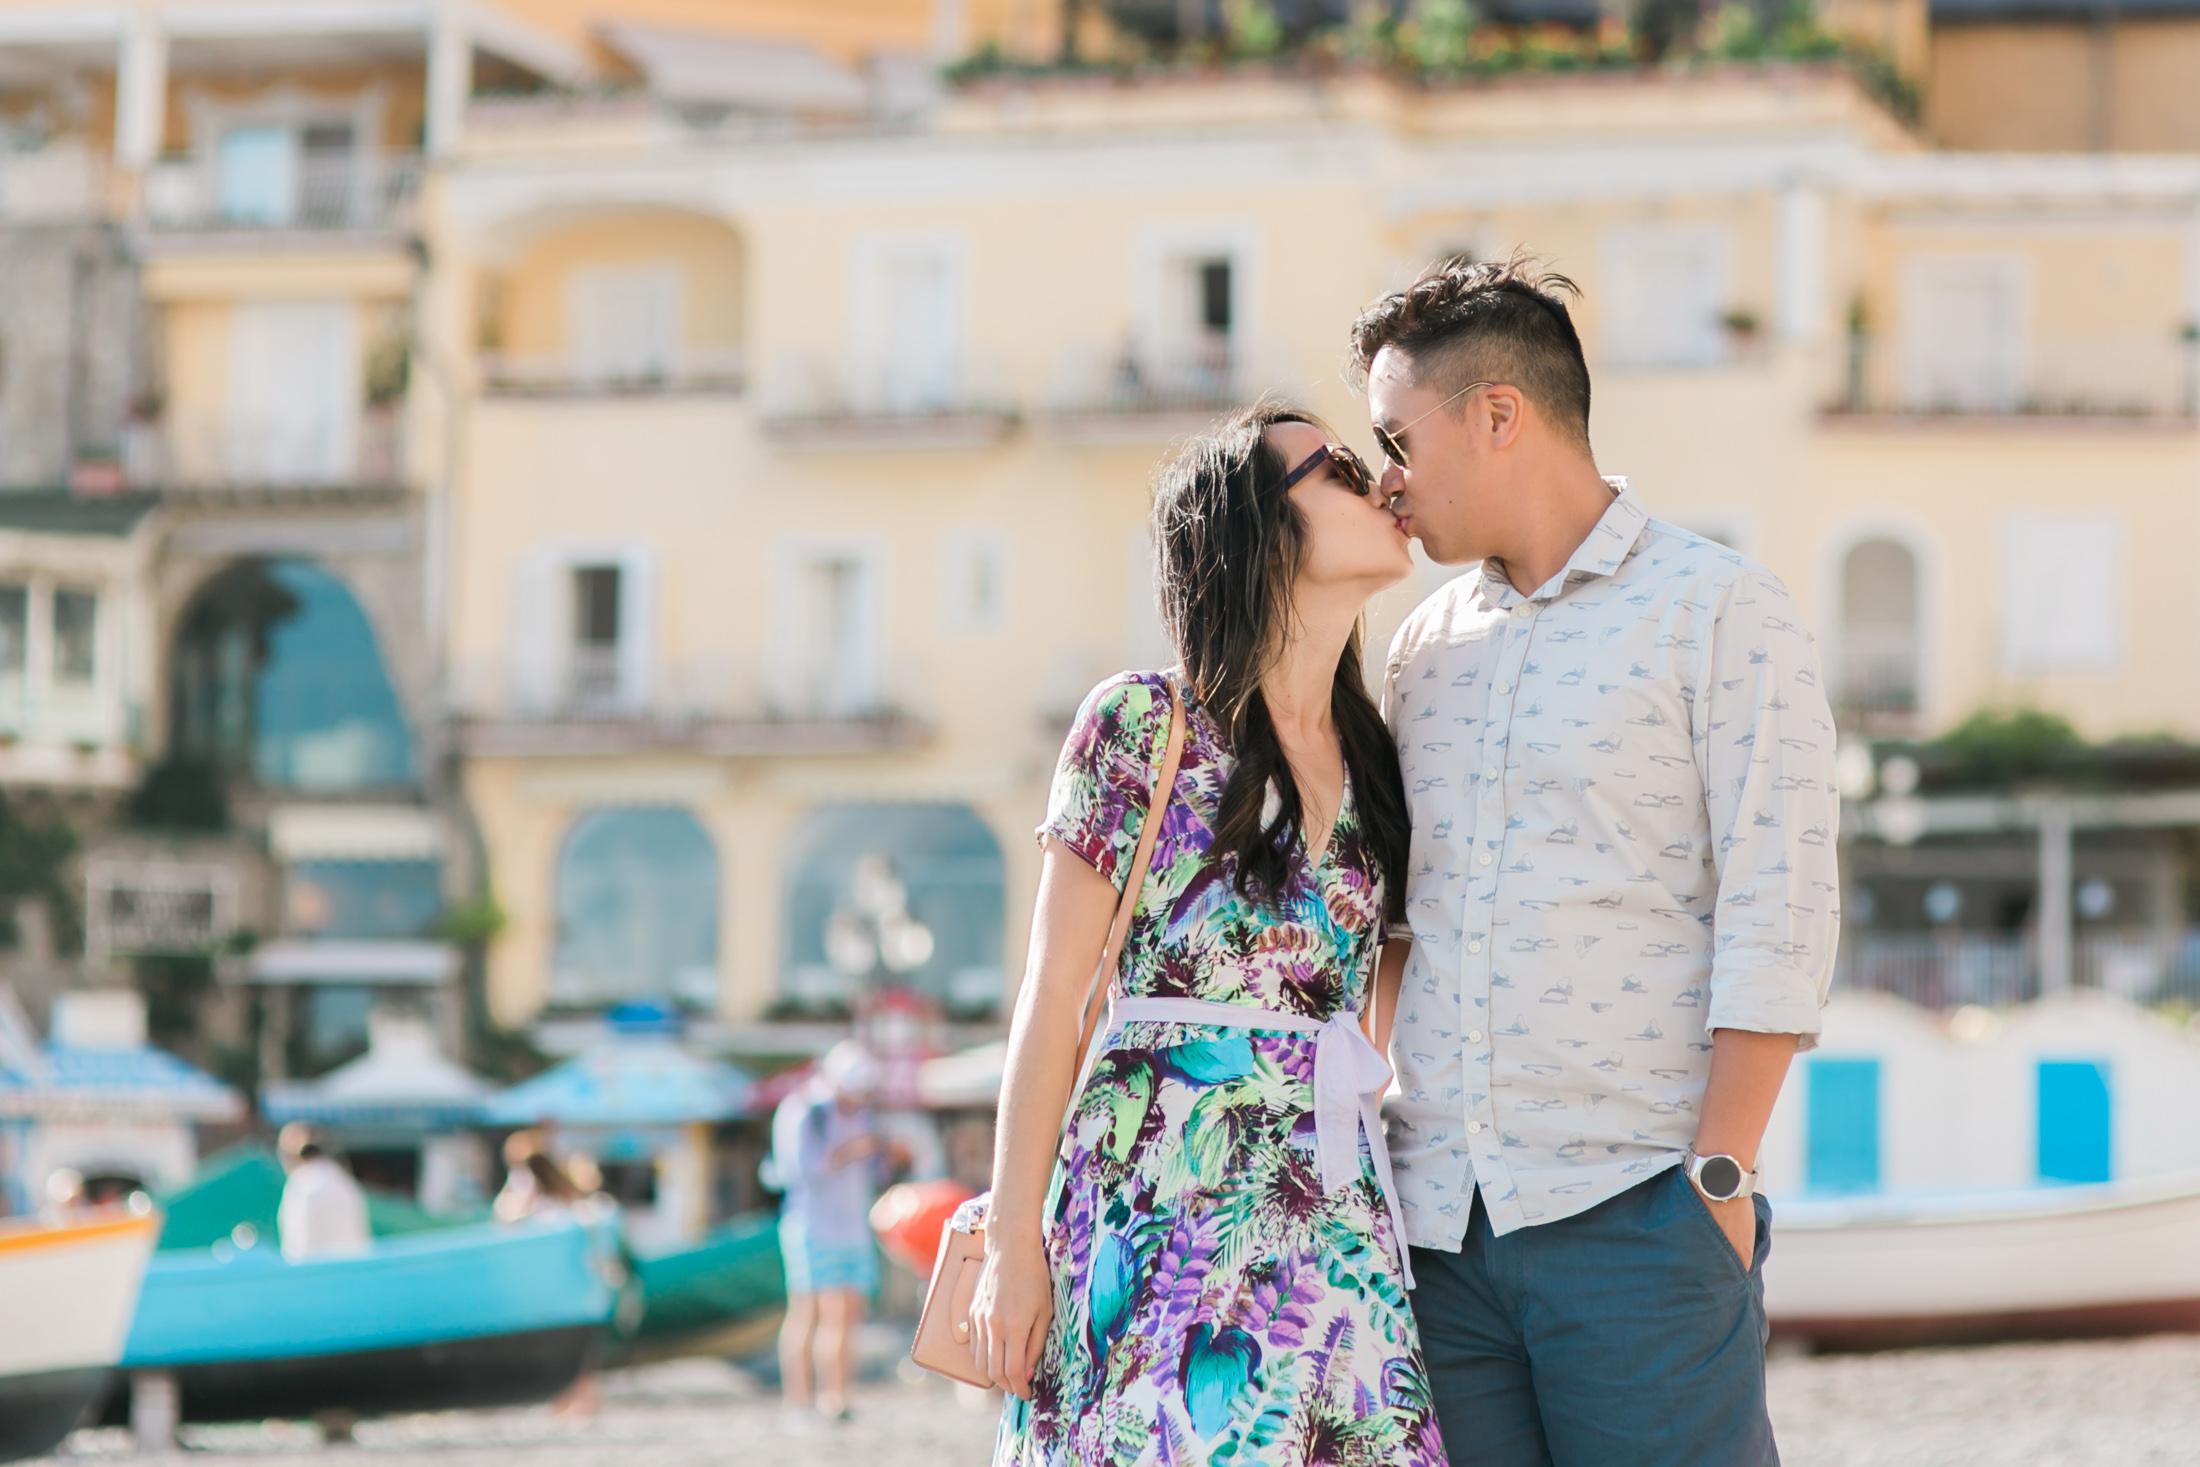 joeewong-reke-italy-amalfi-coast-positano-honeymoon-20